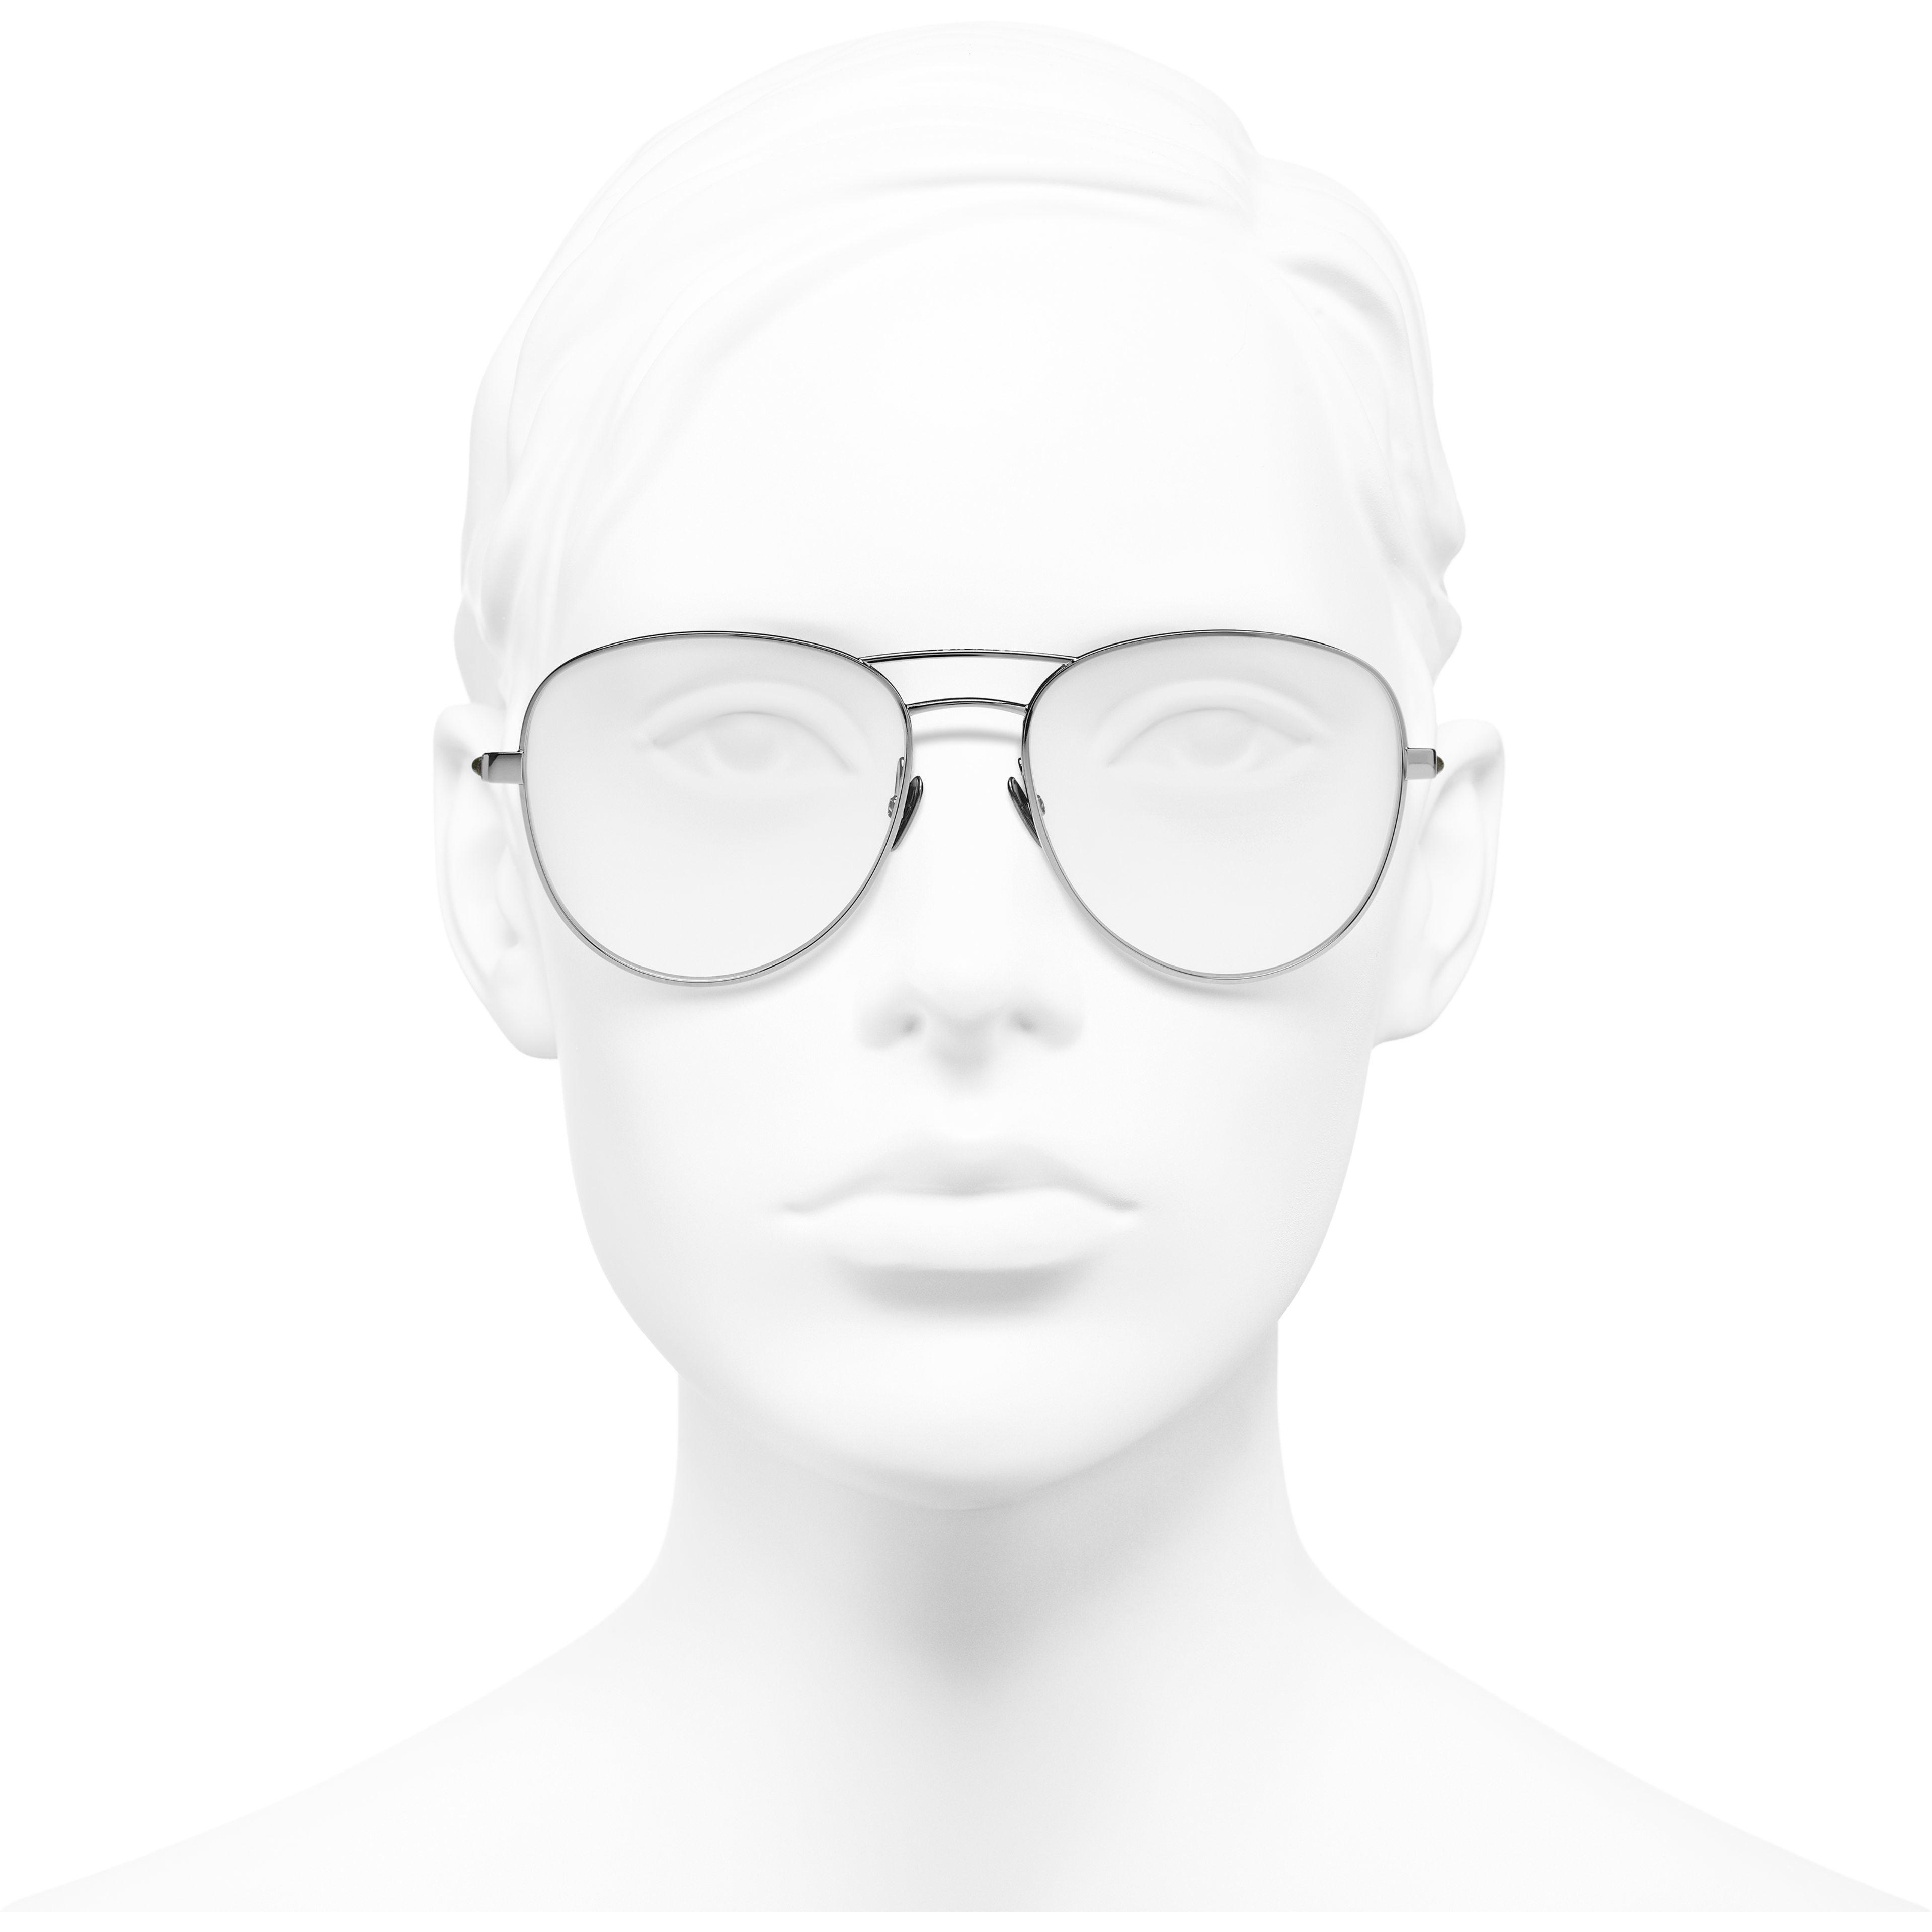 Gafas estilo piloto - Plateado oscuro y caqui - Acetato y piel de ternera - CHANEL - Vista delantera del producto puesto - ver la versión tamaño estándar